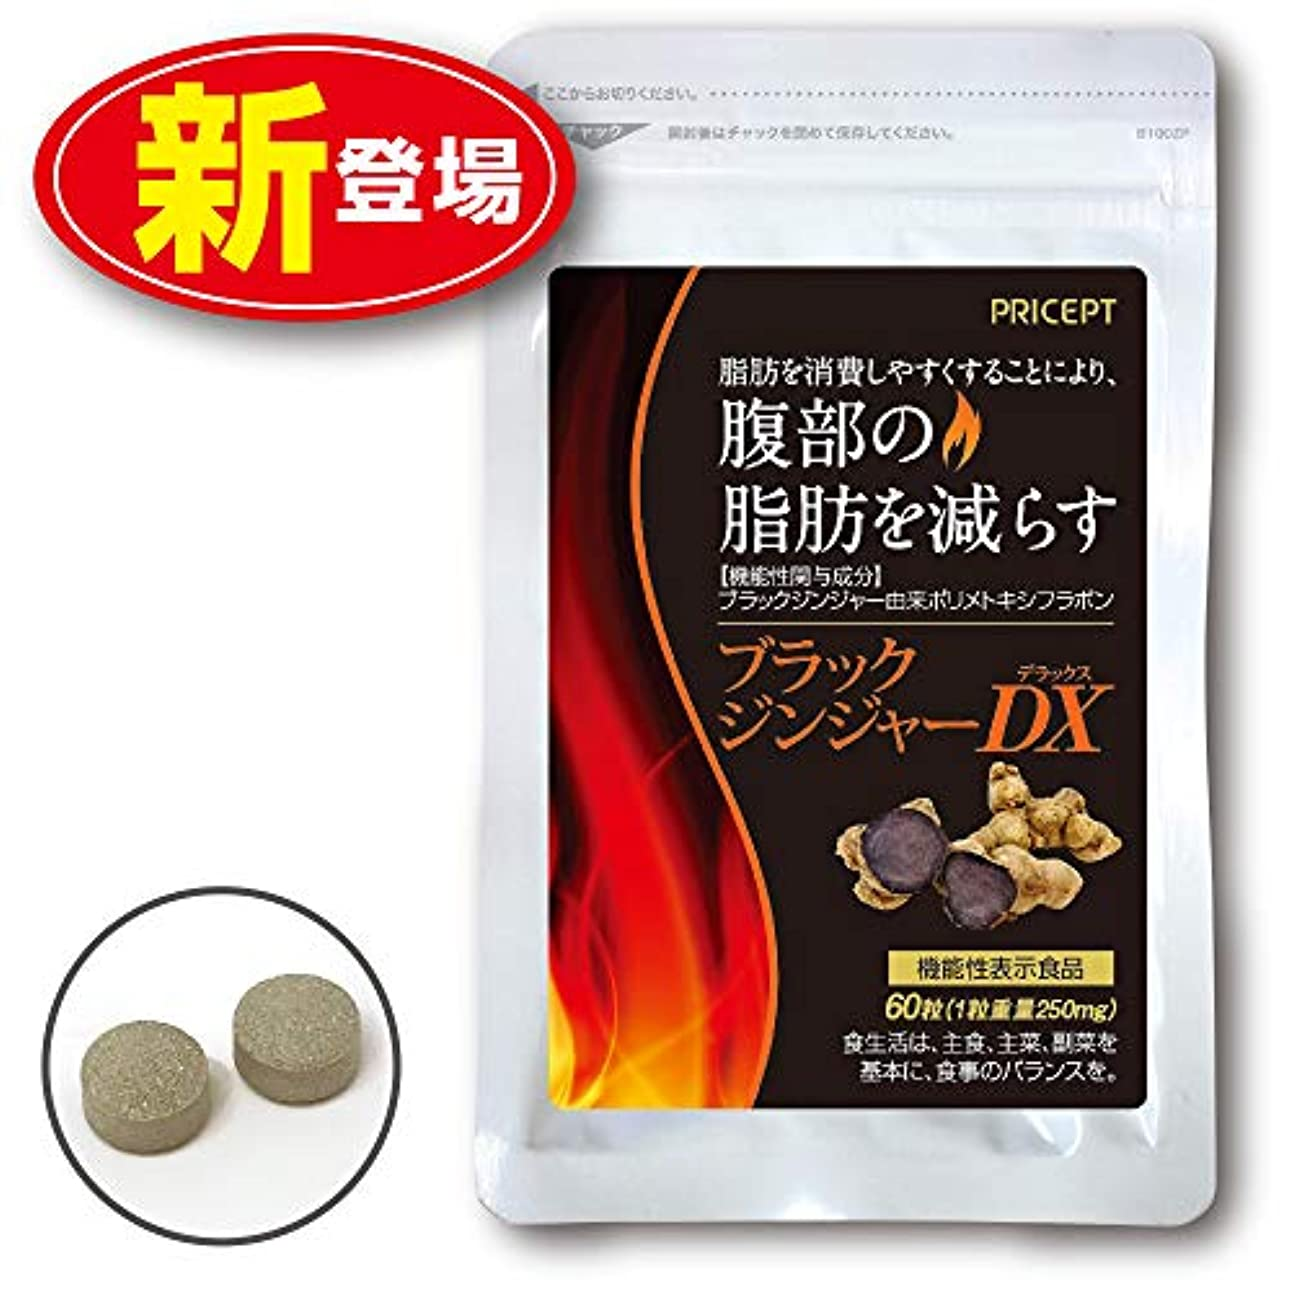 慣れている方向バーチャルプリセプト ブラックジンジャーDX 機能性表示食品 60粒 (ダイエットサプリメント?粒タイプ)